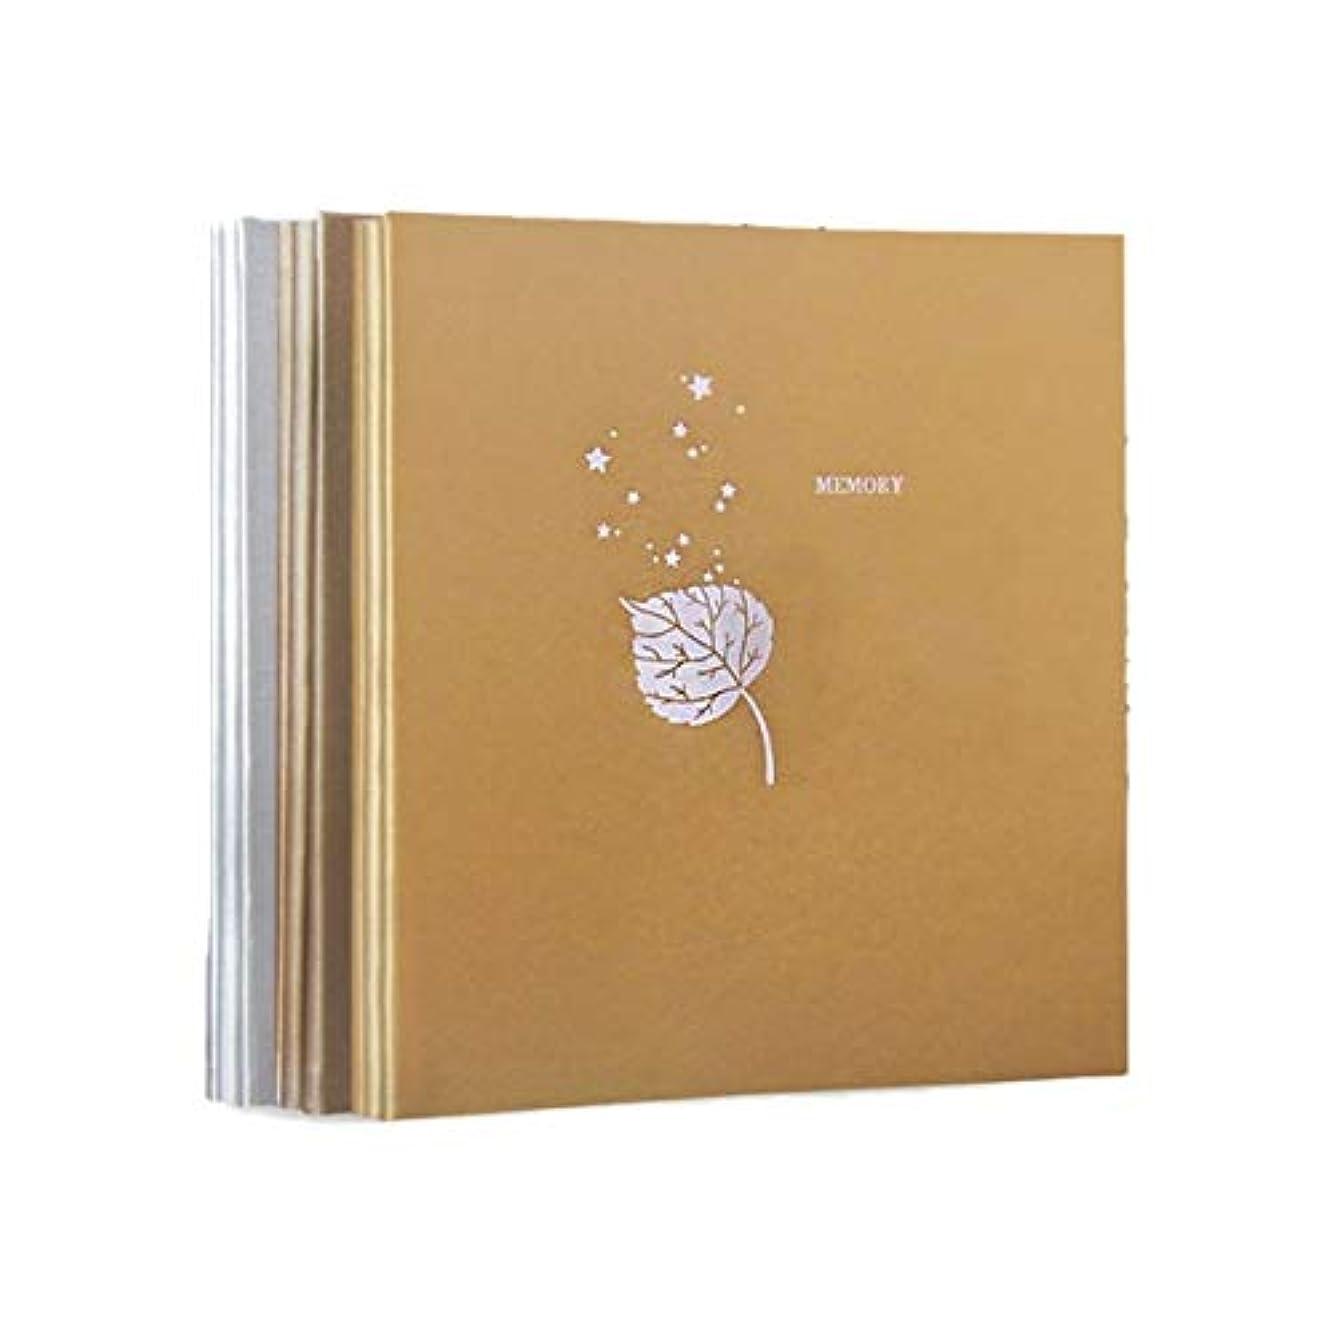 傷つきやすい割れ目つまらないRCDD 革のフォトアルバム、Diyの手接着のアルバム、創造的なロマンチックなカップルの自己接着フィルムアルバムの記憶アルバム (Color : 1, Size : A)